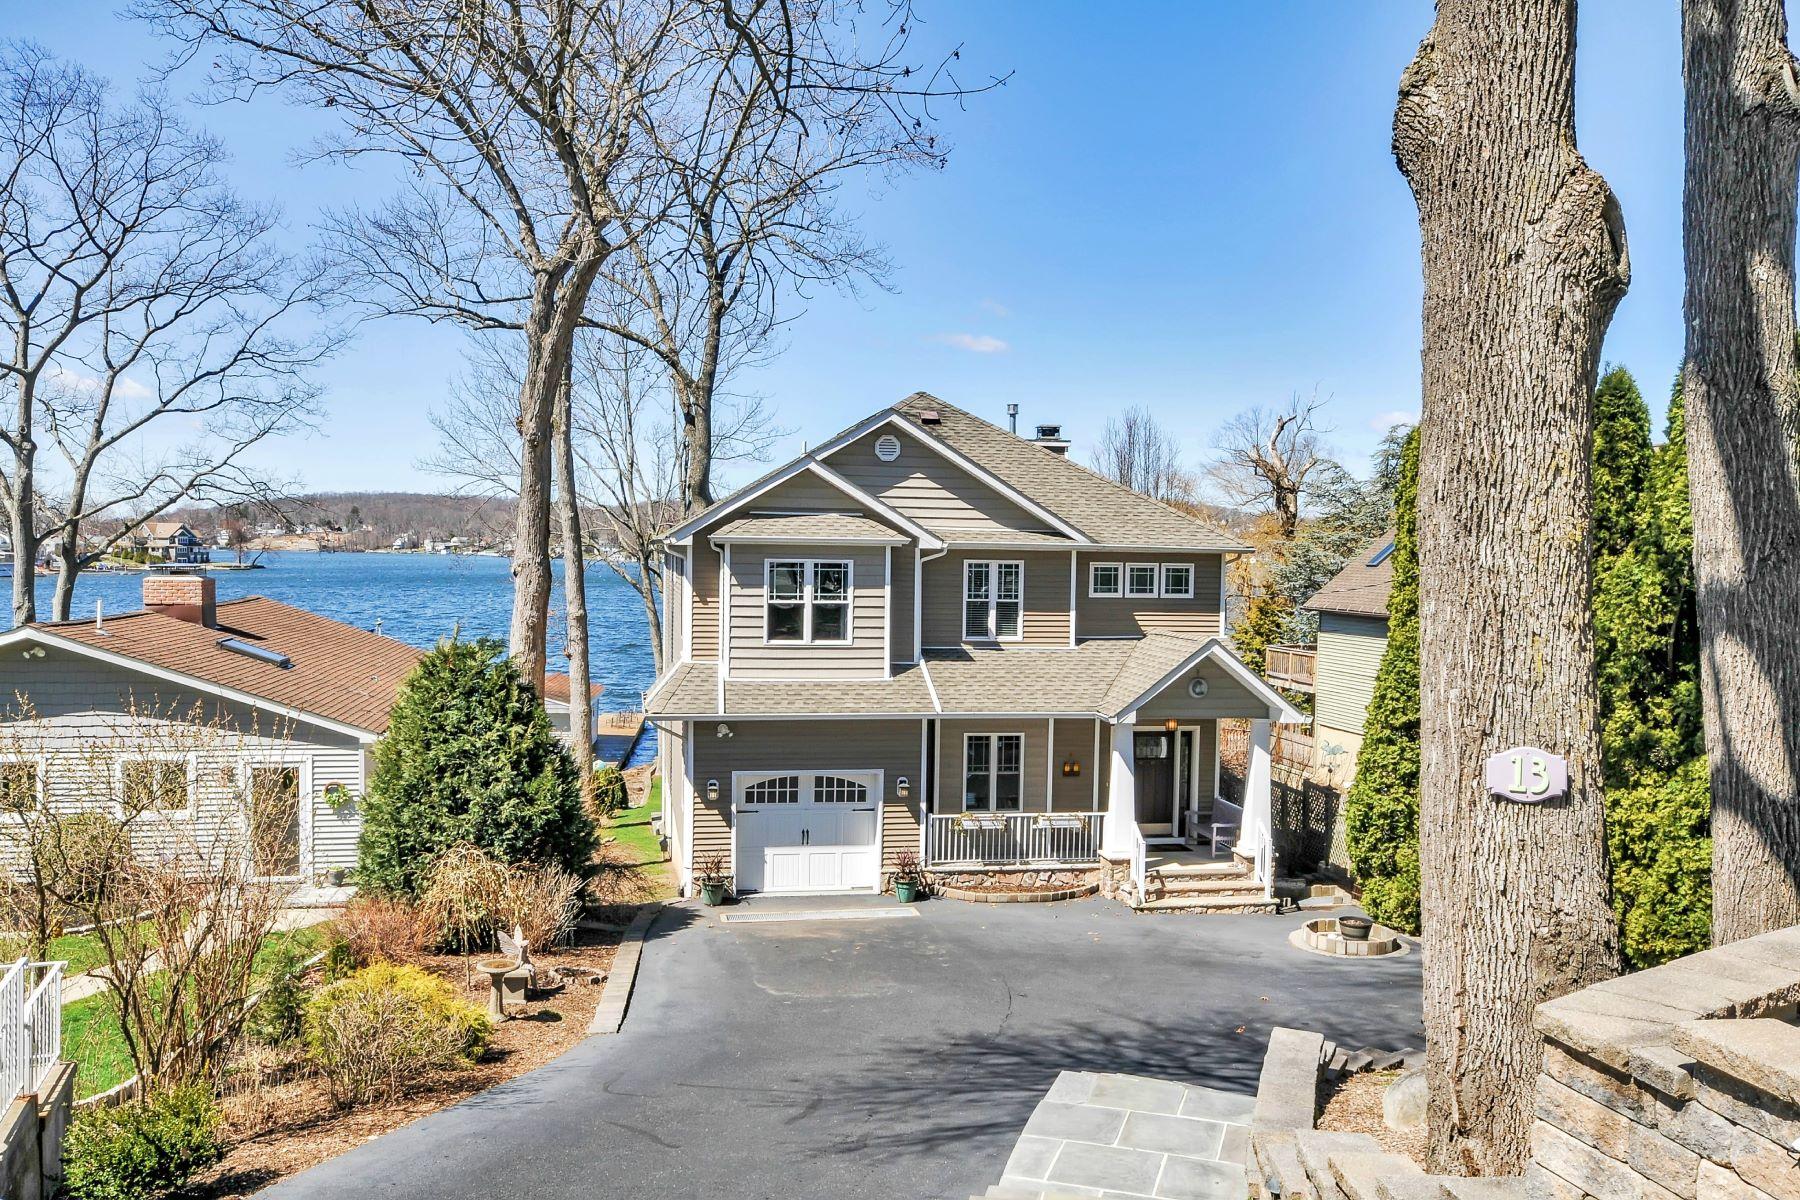 Частный односемейный дом для того Продажа на Amazing lakefront views and sunsets all year long. 13 Bertrand Island Road Mount Arlington, 07856 Соединенные Штаты